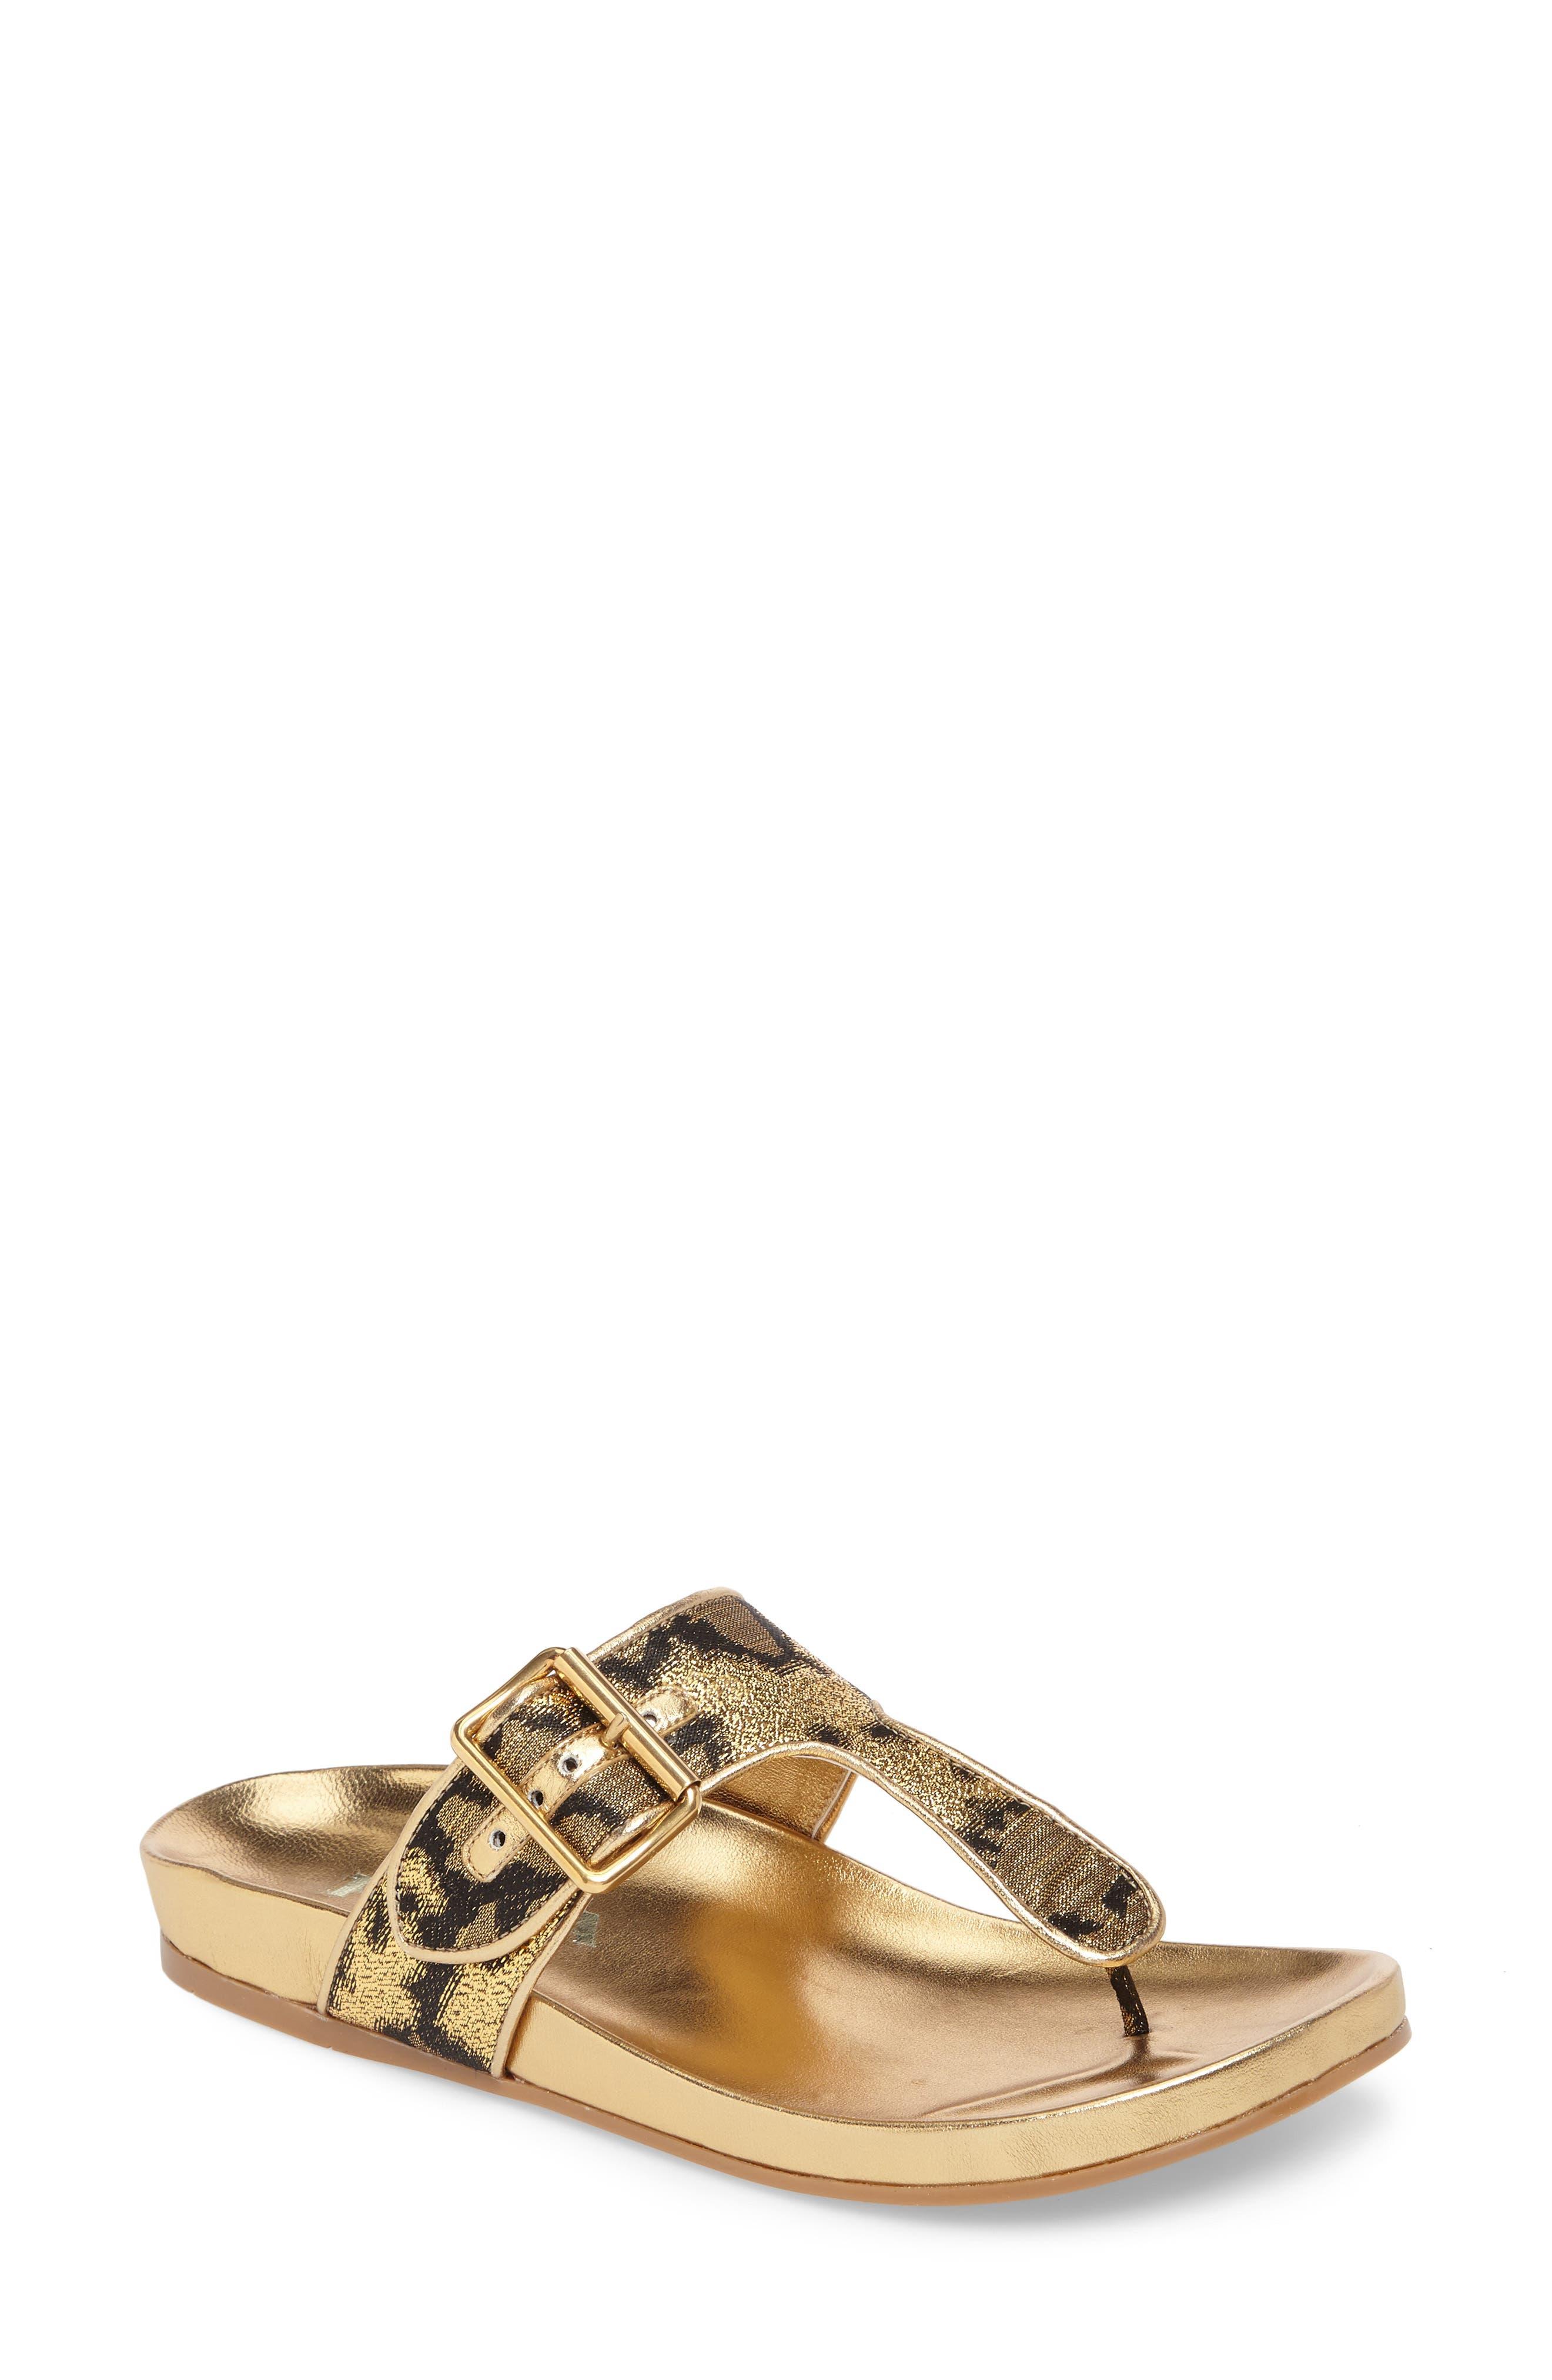 Alternate Image 1 Selected - Prada Glitter Thong Sandal (Women)